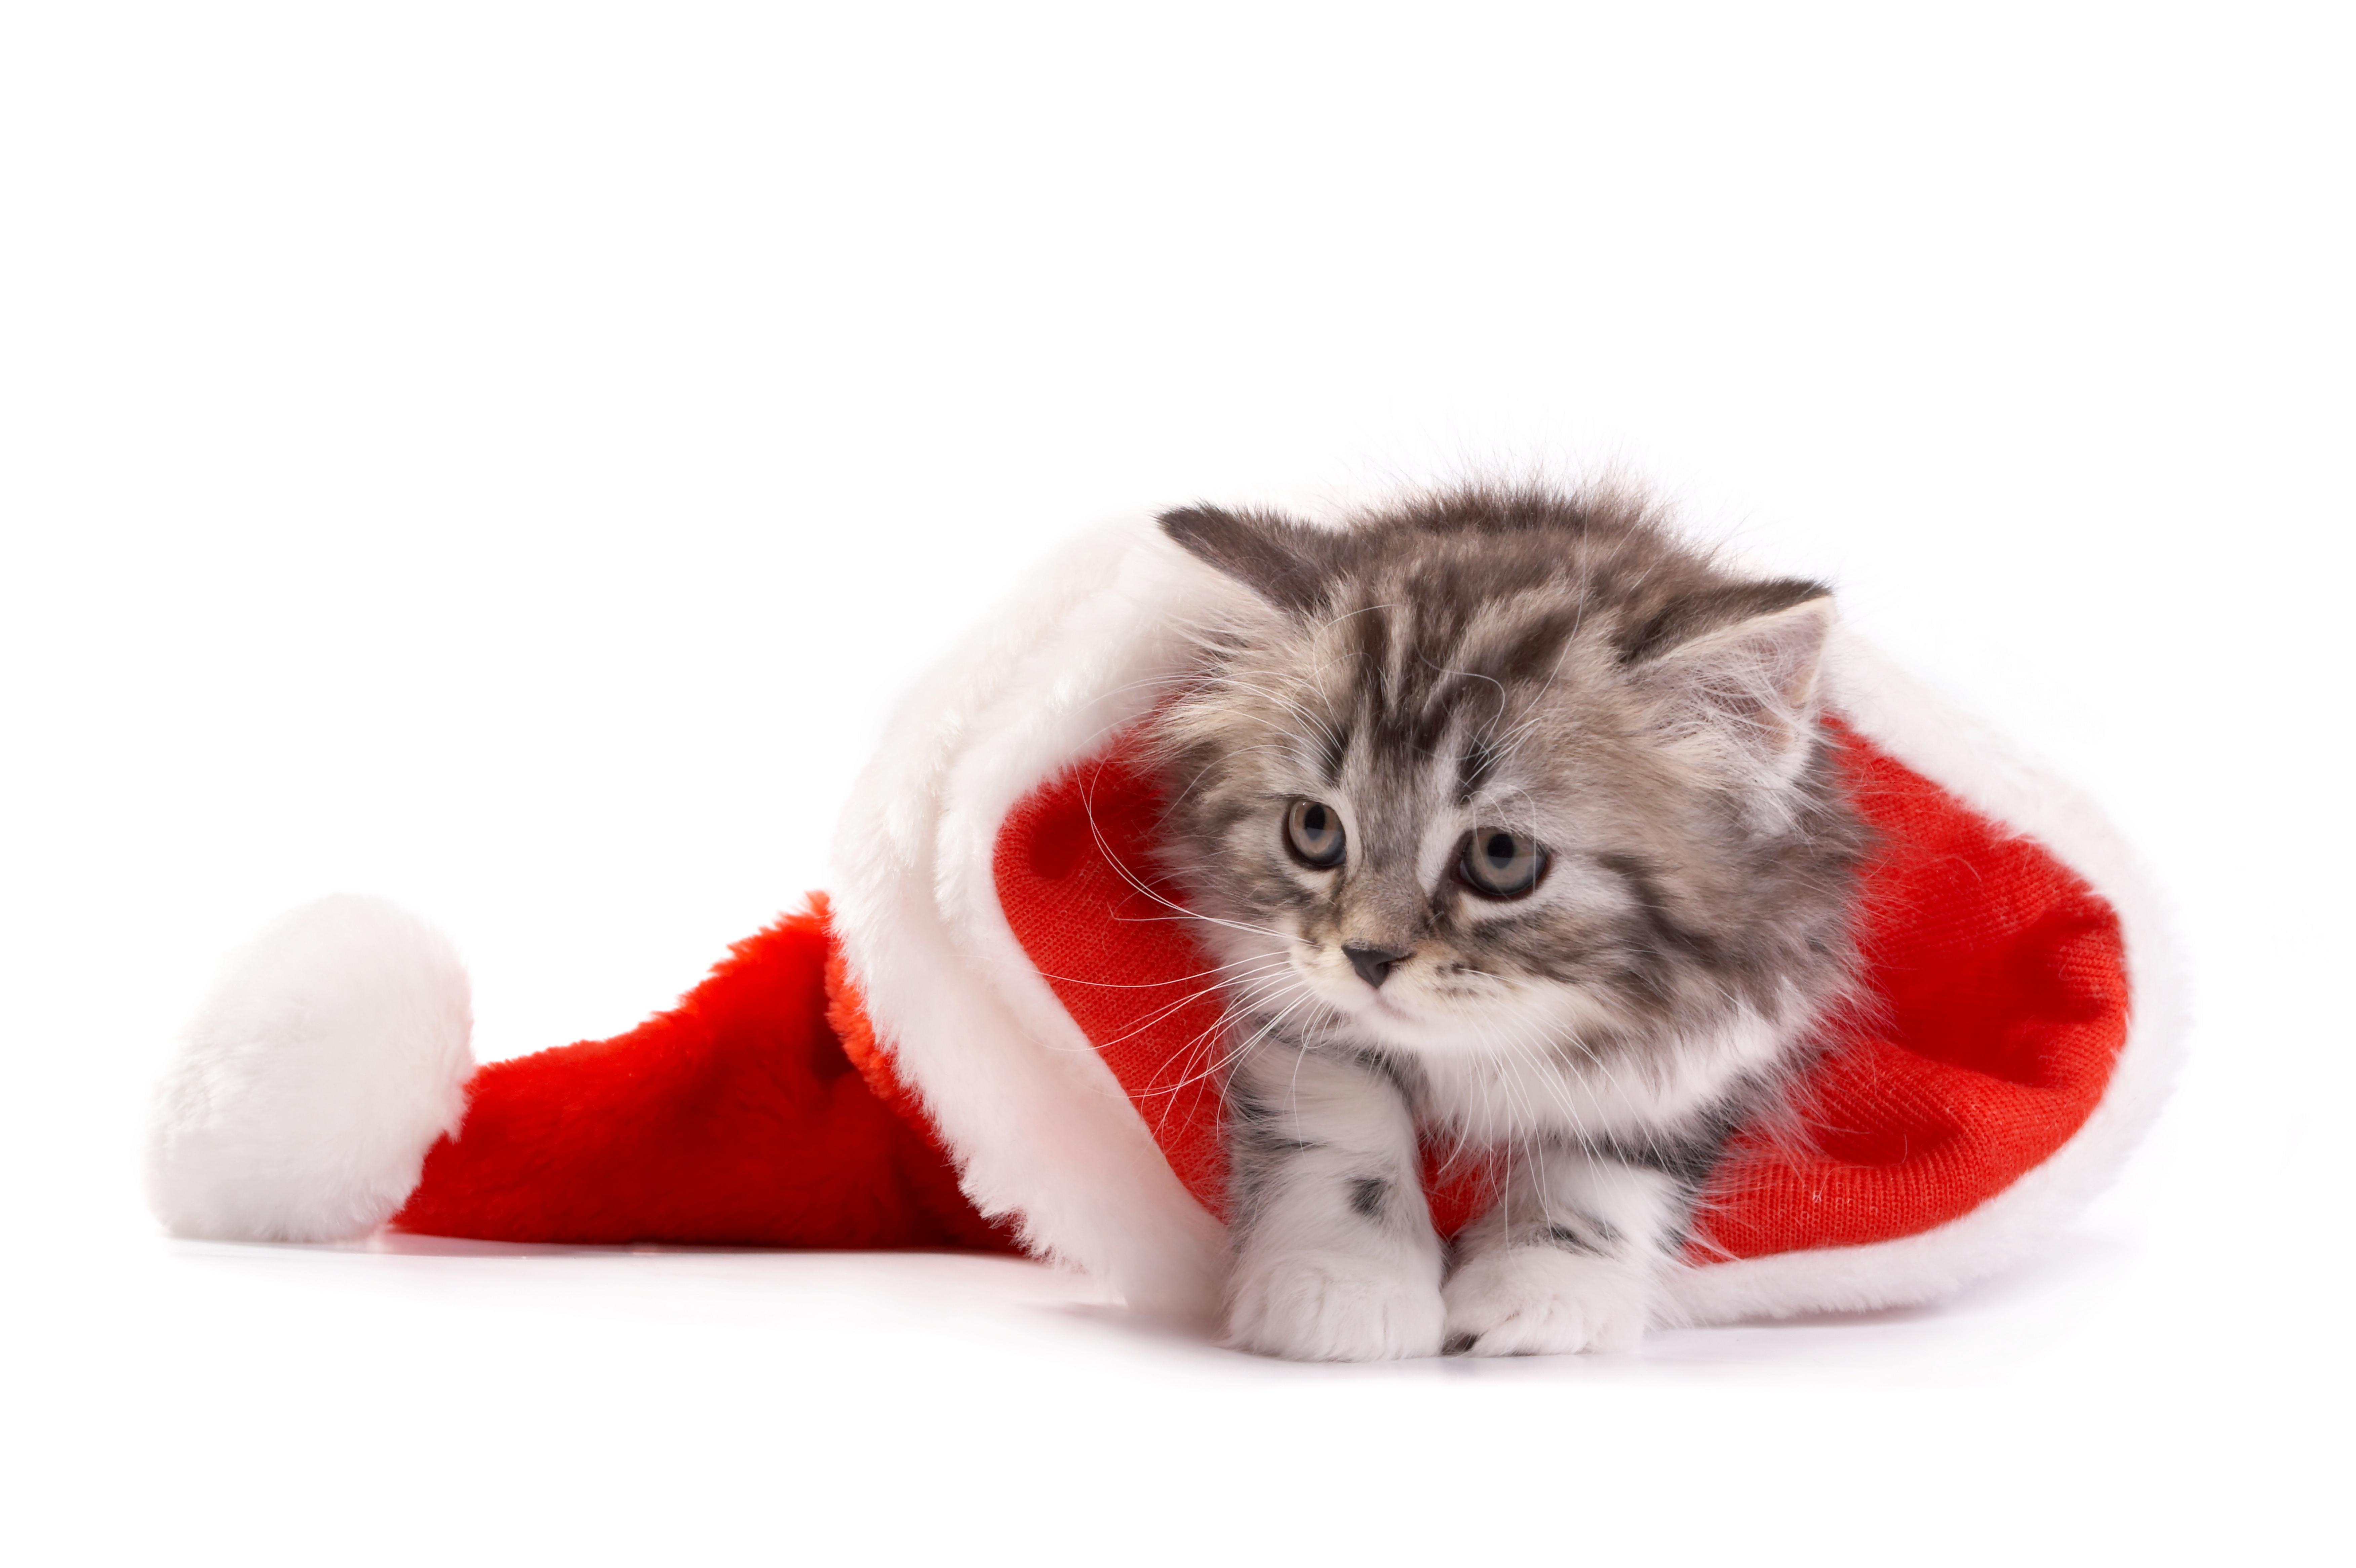 котенок в ботинке  № 2016605 загрузить